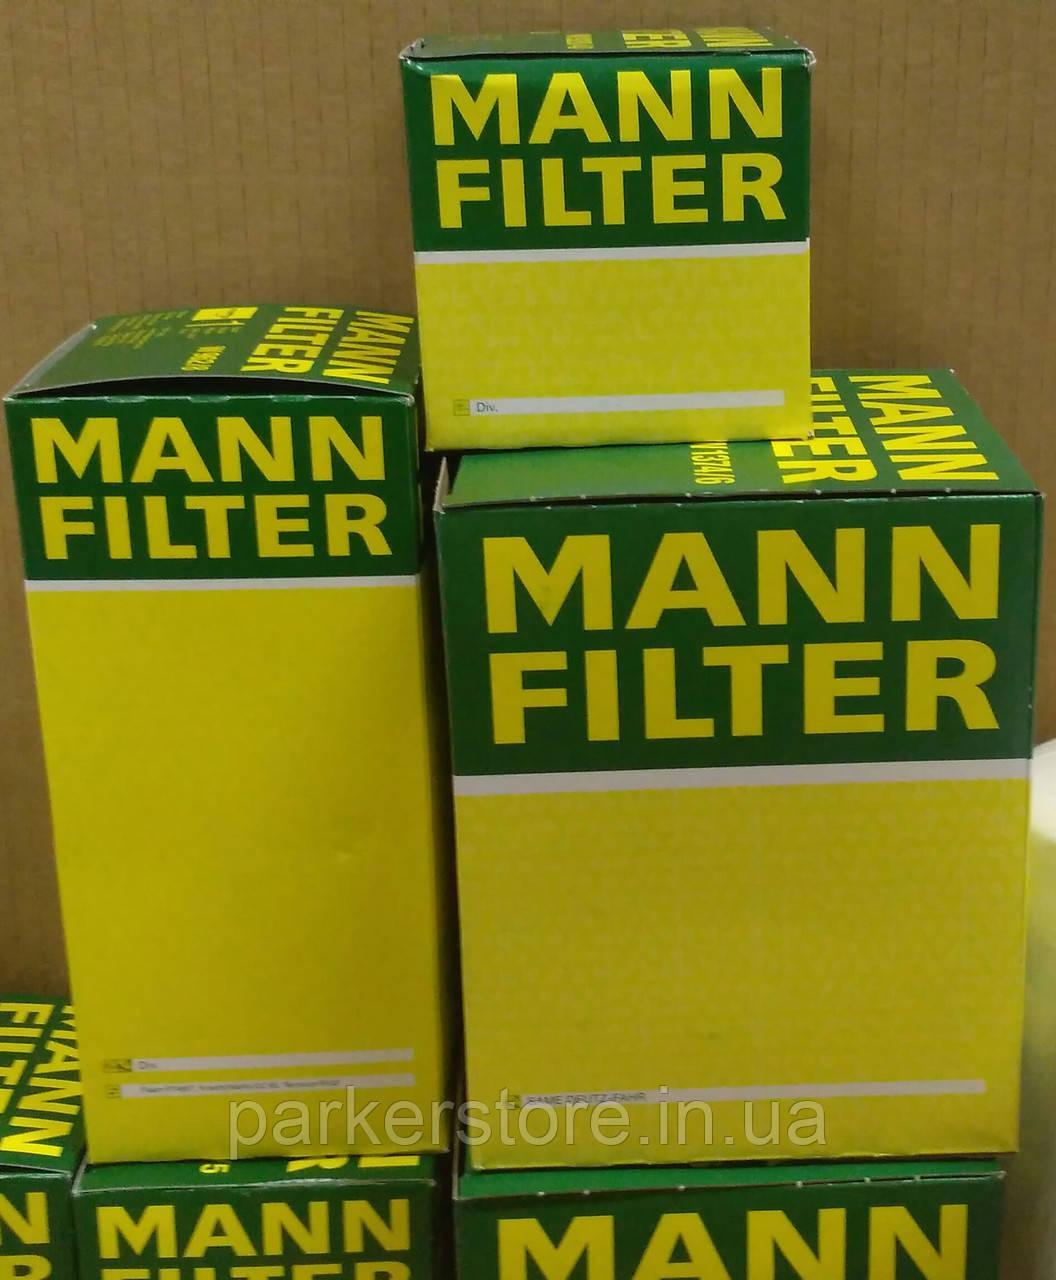 MANN FILTER / Повітряний фільтр / C 24 700/1 / C24700/1